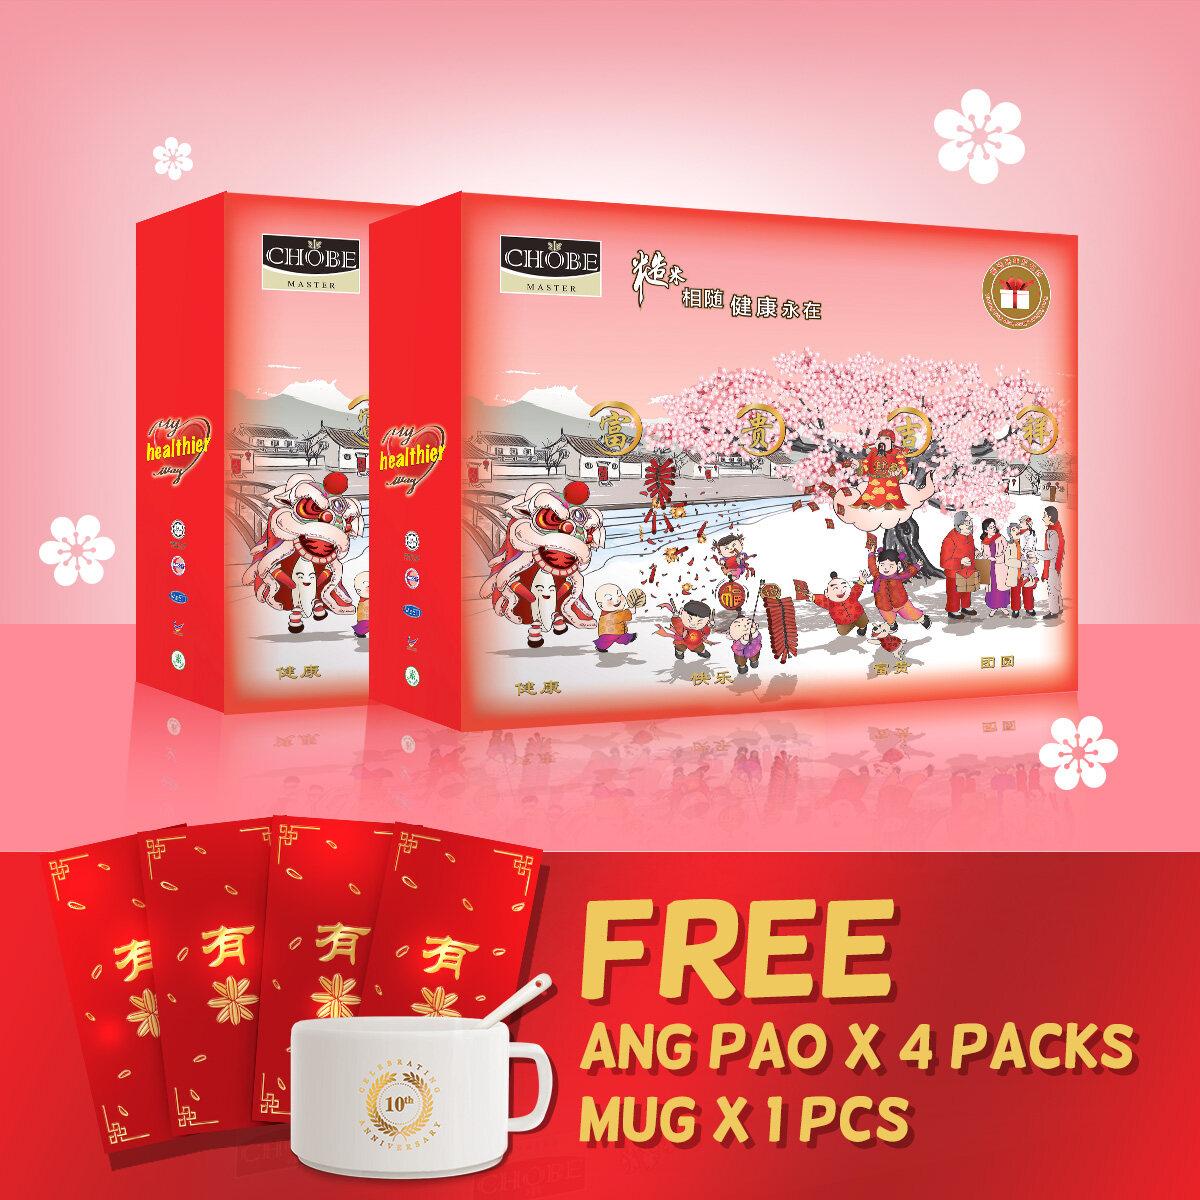 【CNY2020】CHOBE MASTER Prosperity Gift Box (8 boxes) FREE 4 packs Angpao + 1 Mug